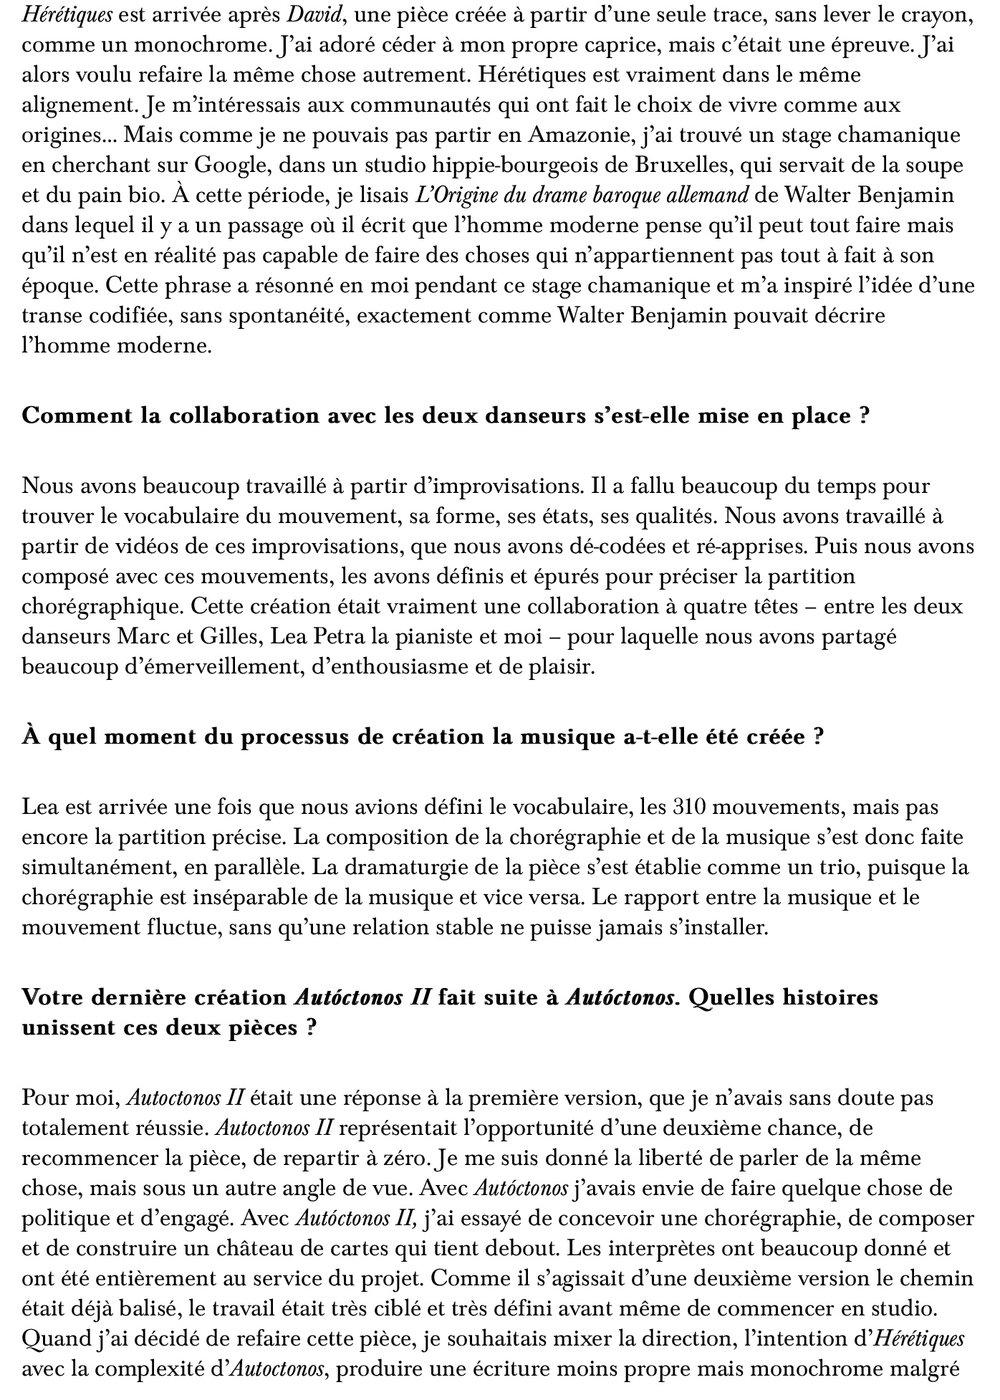 Ayelen-Parolin,-La-mecanique-des-gestes---MA-CULTURE-1-3-002.jpg